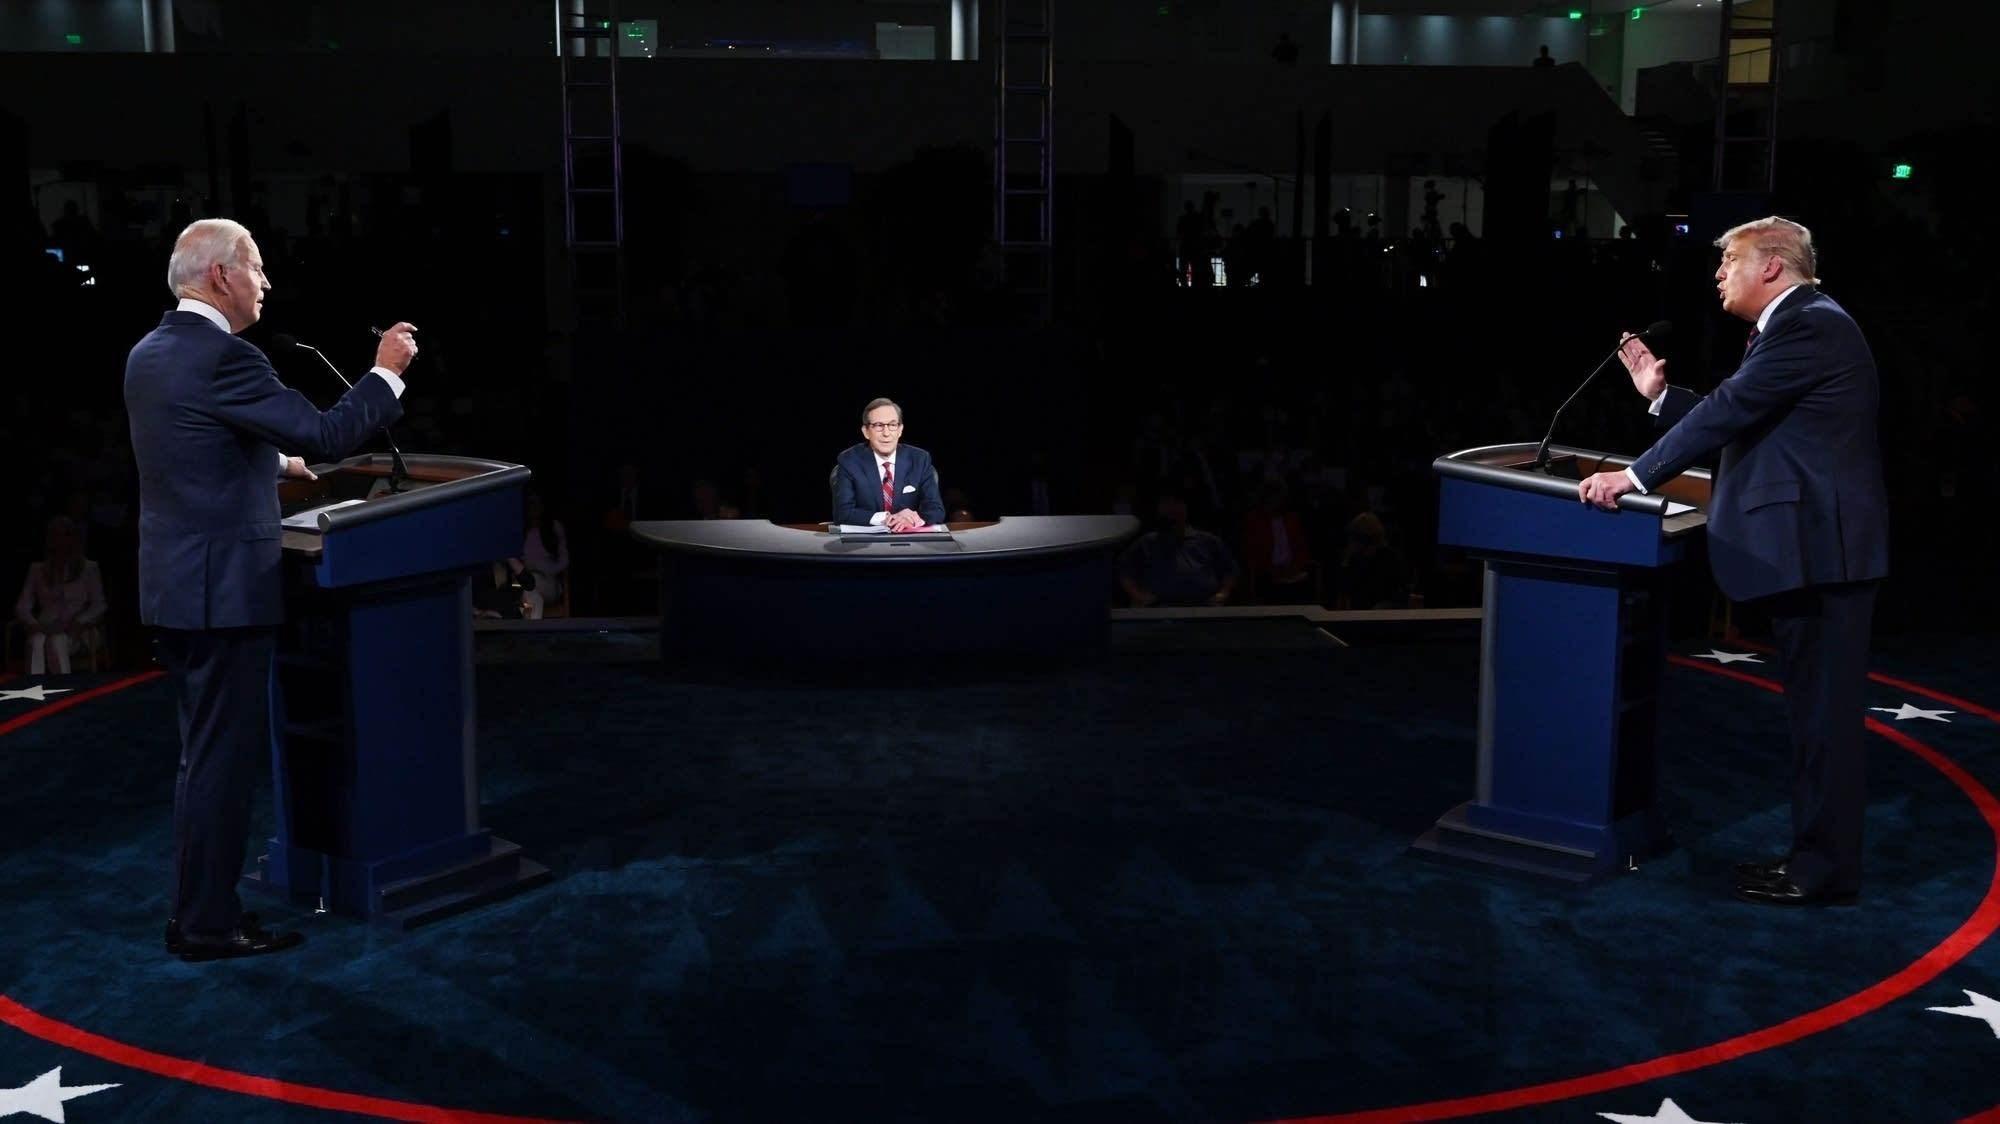 إلغاء المناظرة الثانية بين ترامب وبايدن والاستعداد للأخيرة